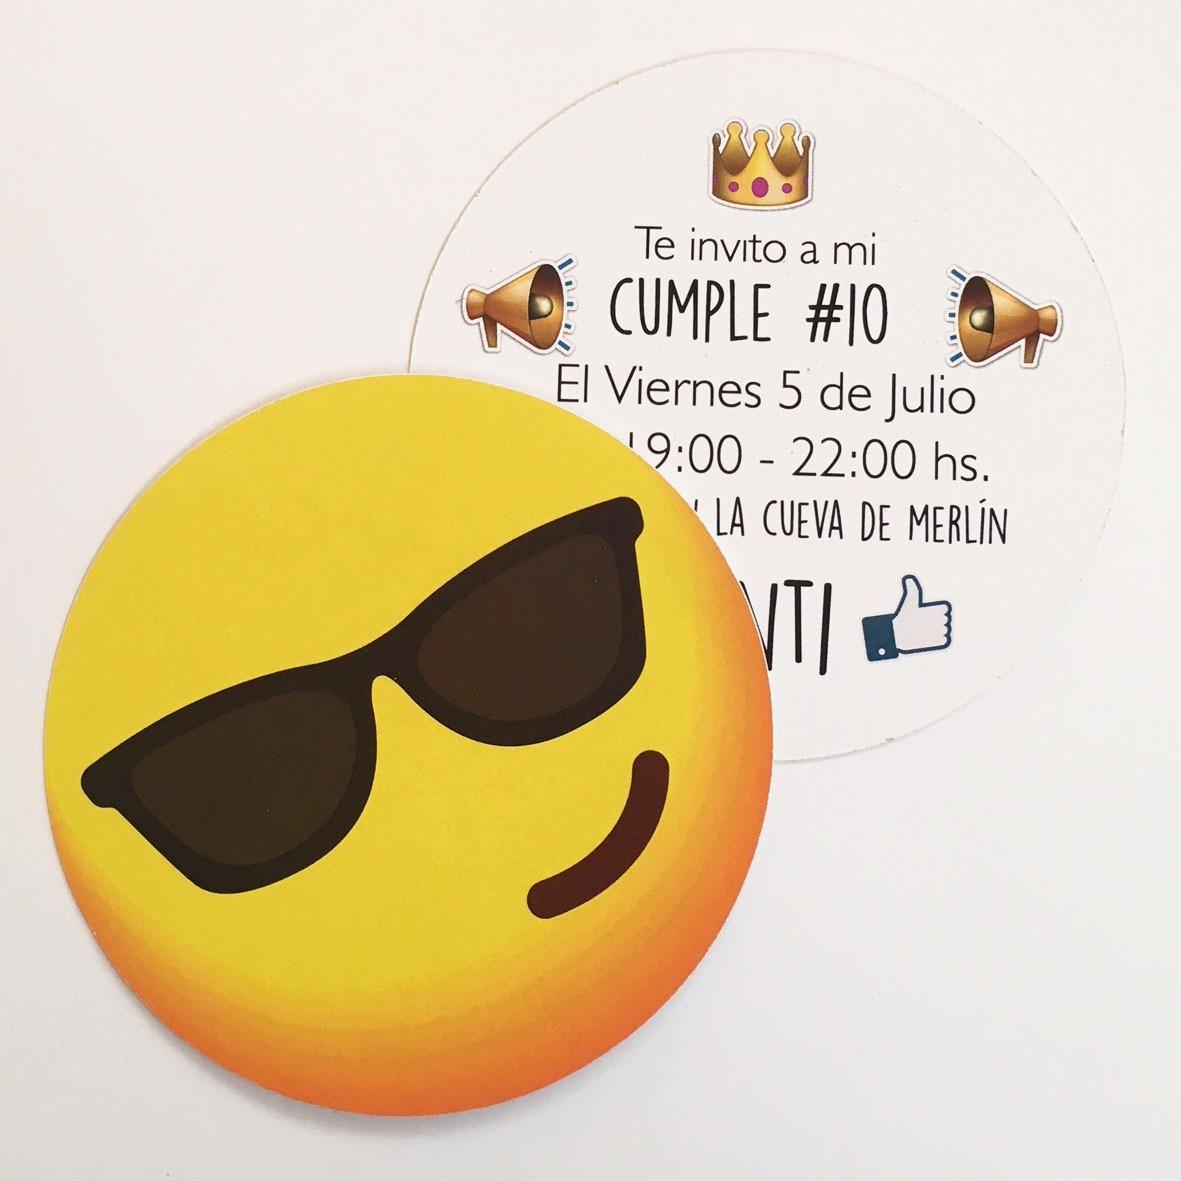 Tarjeta Invitacion Emojis Emoticon Circulares